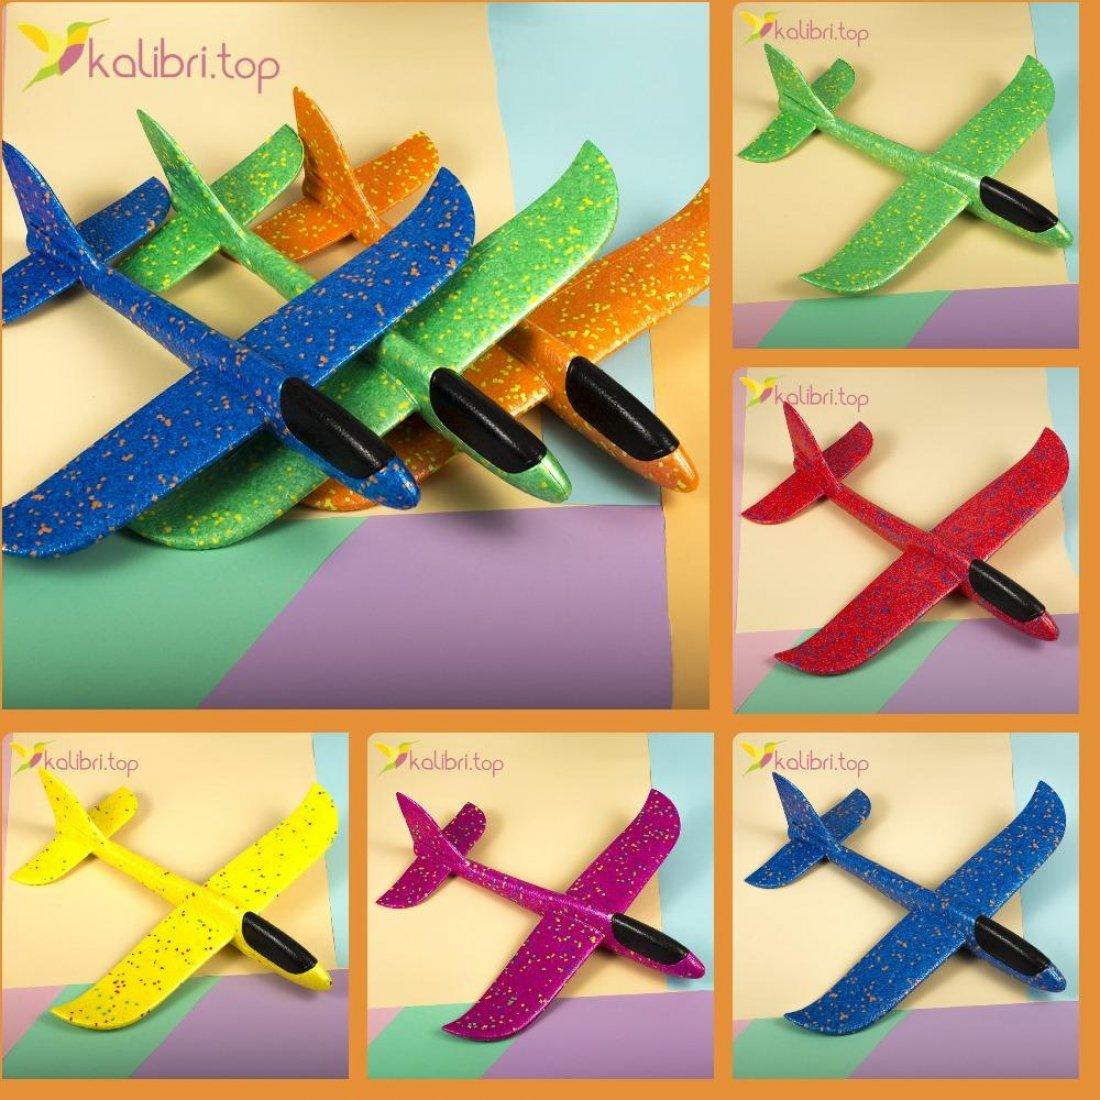 Самолетик, планер из легкого пенопласта - Kalibri